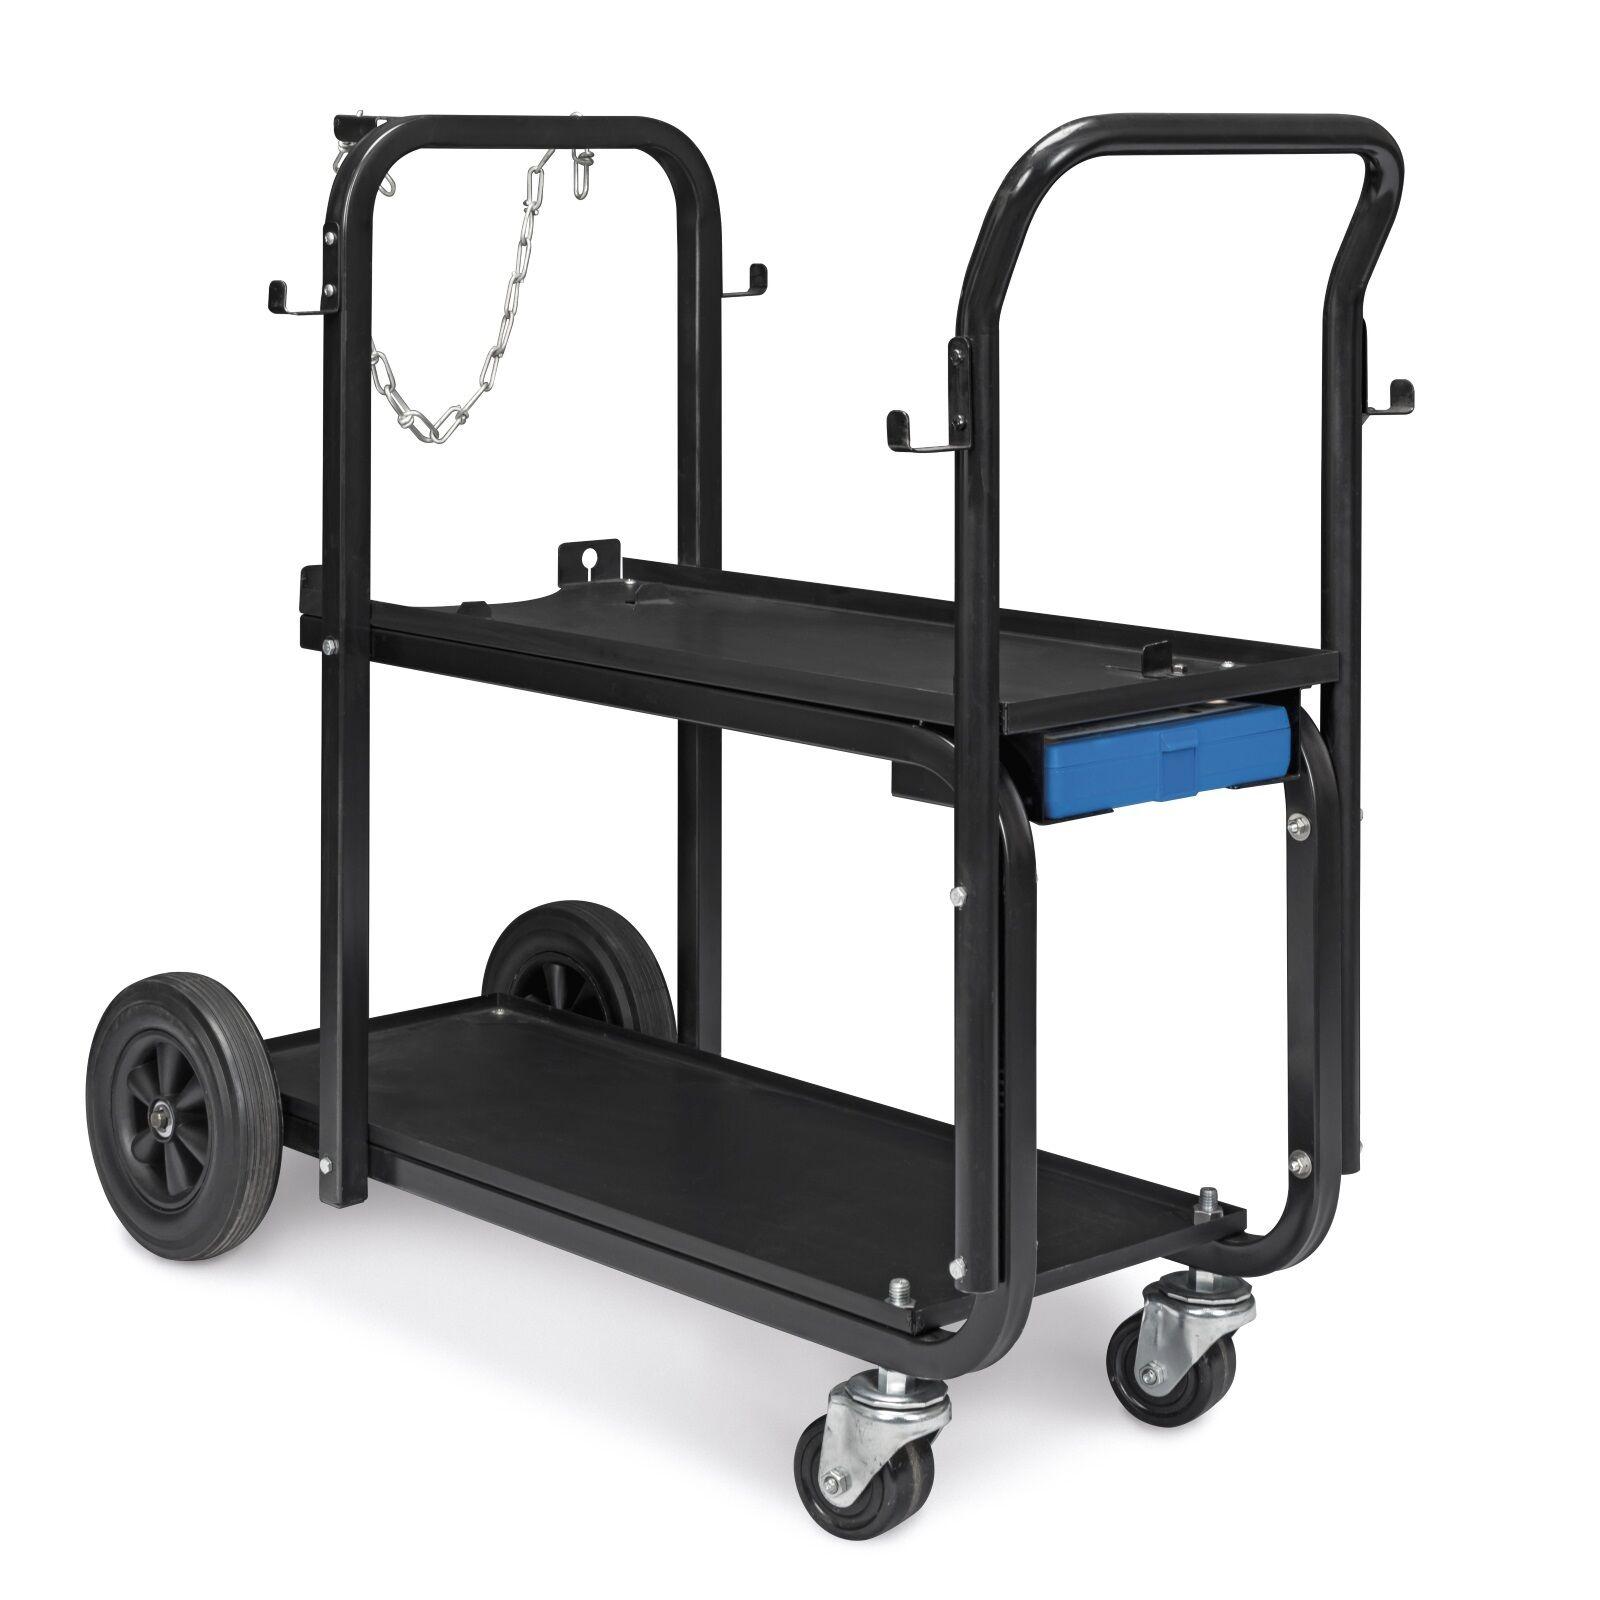 Miller Millermatic 211 MIG Welder Spoolgun & Cart Can Deliver | eBay